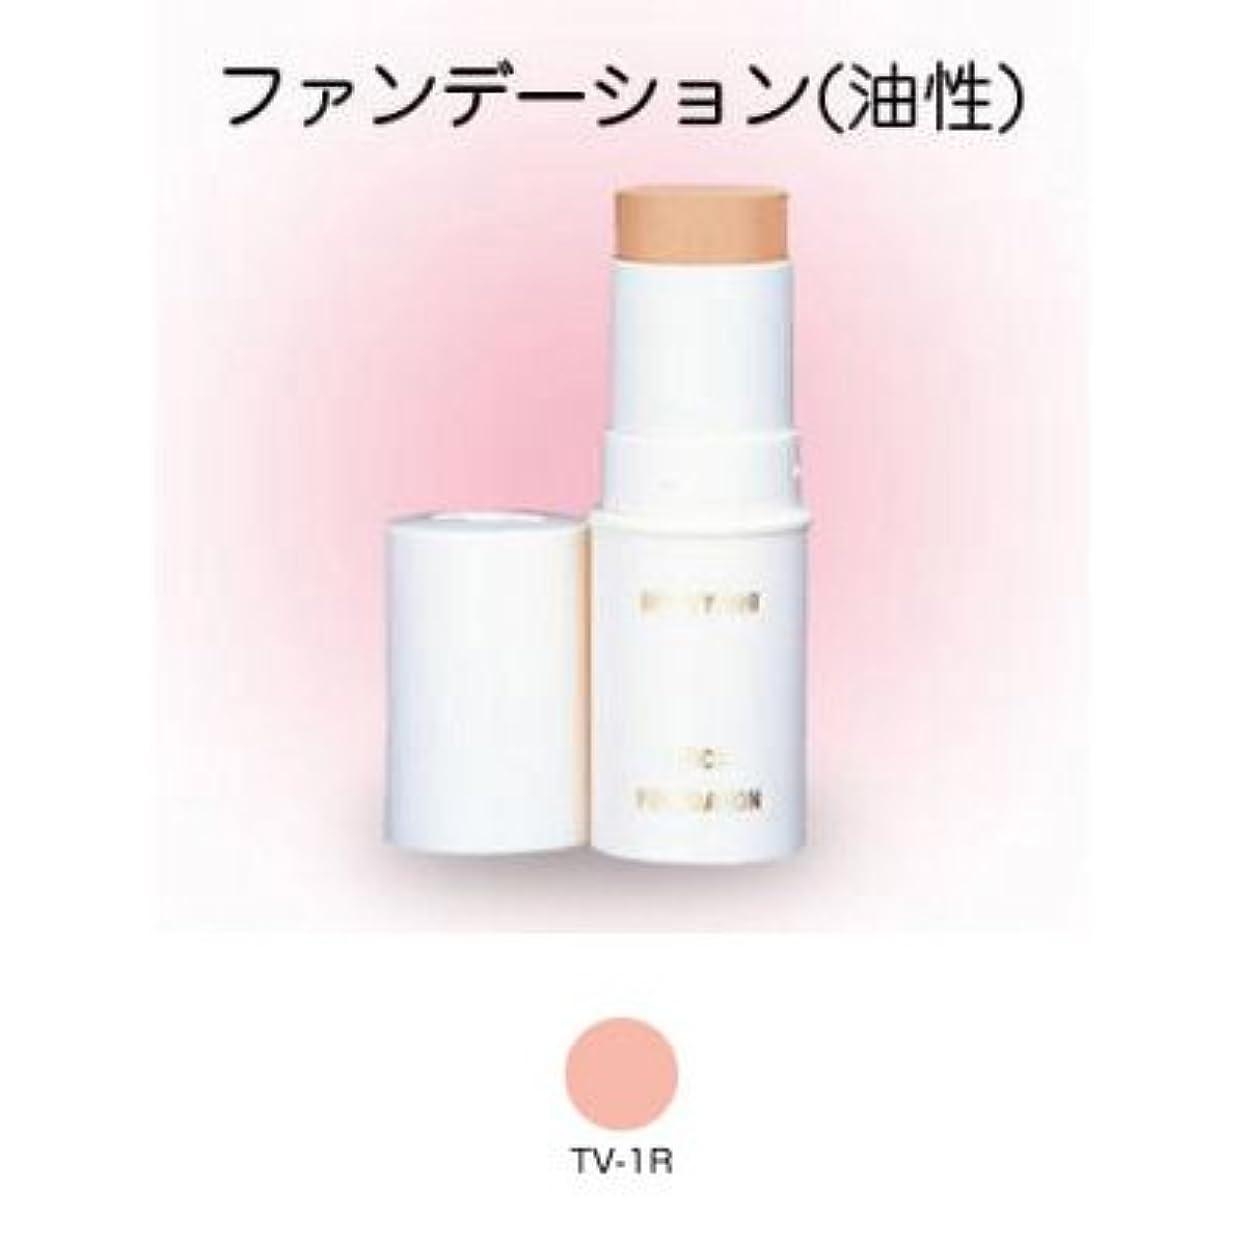 愛人立証するチータースティックファンデーション 16g TV-1R 【三善】